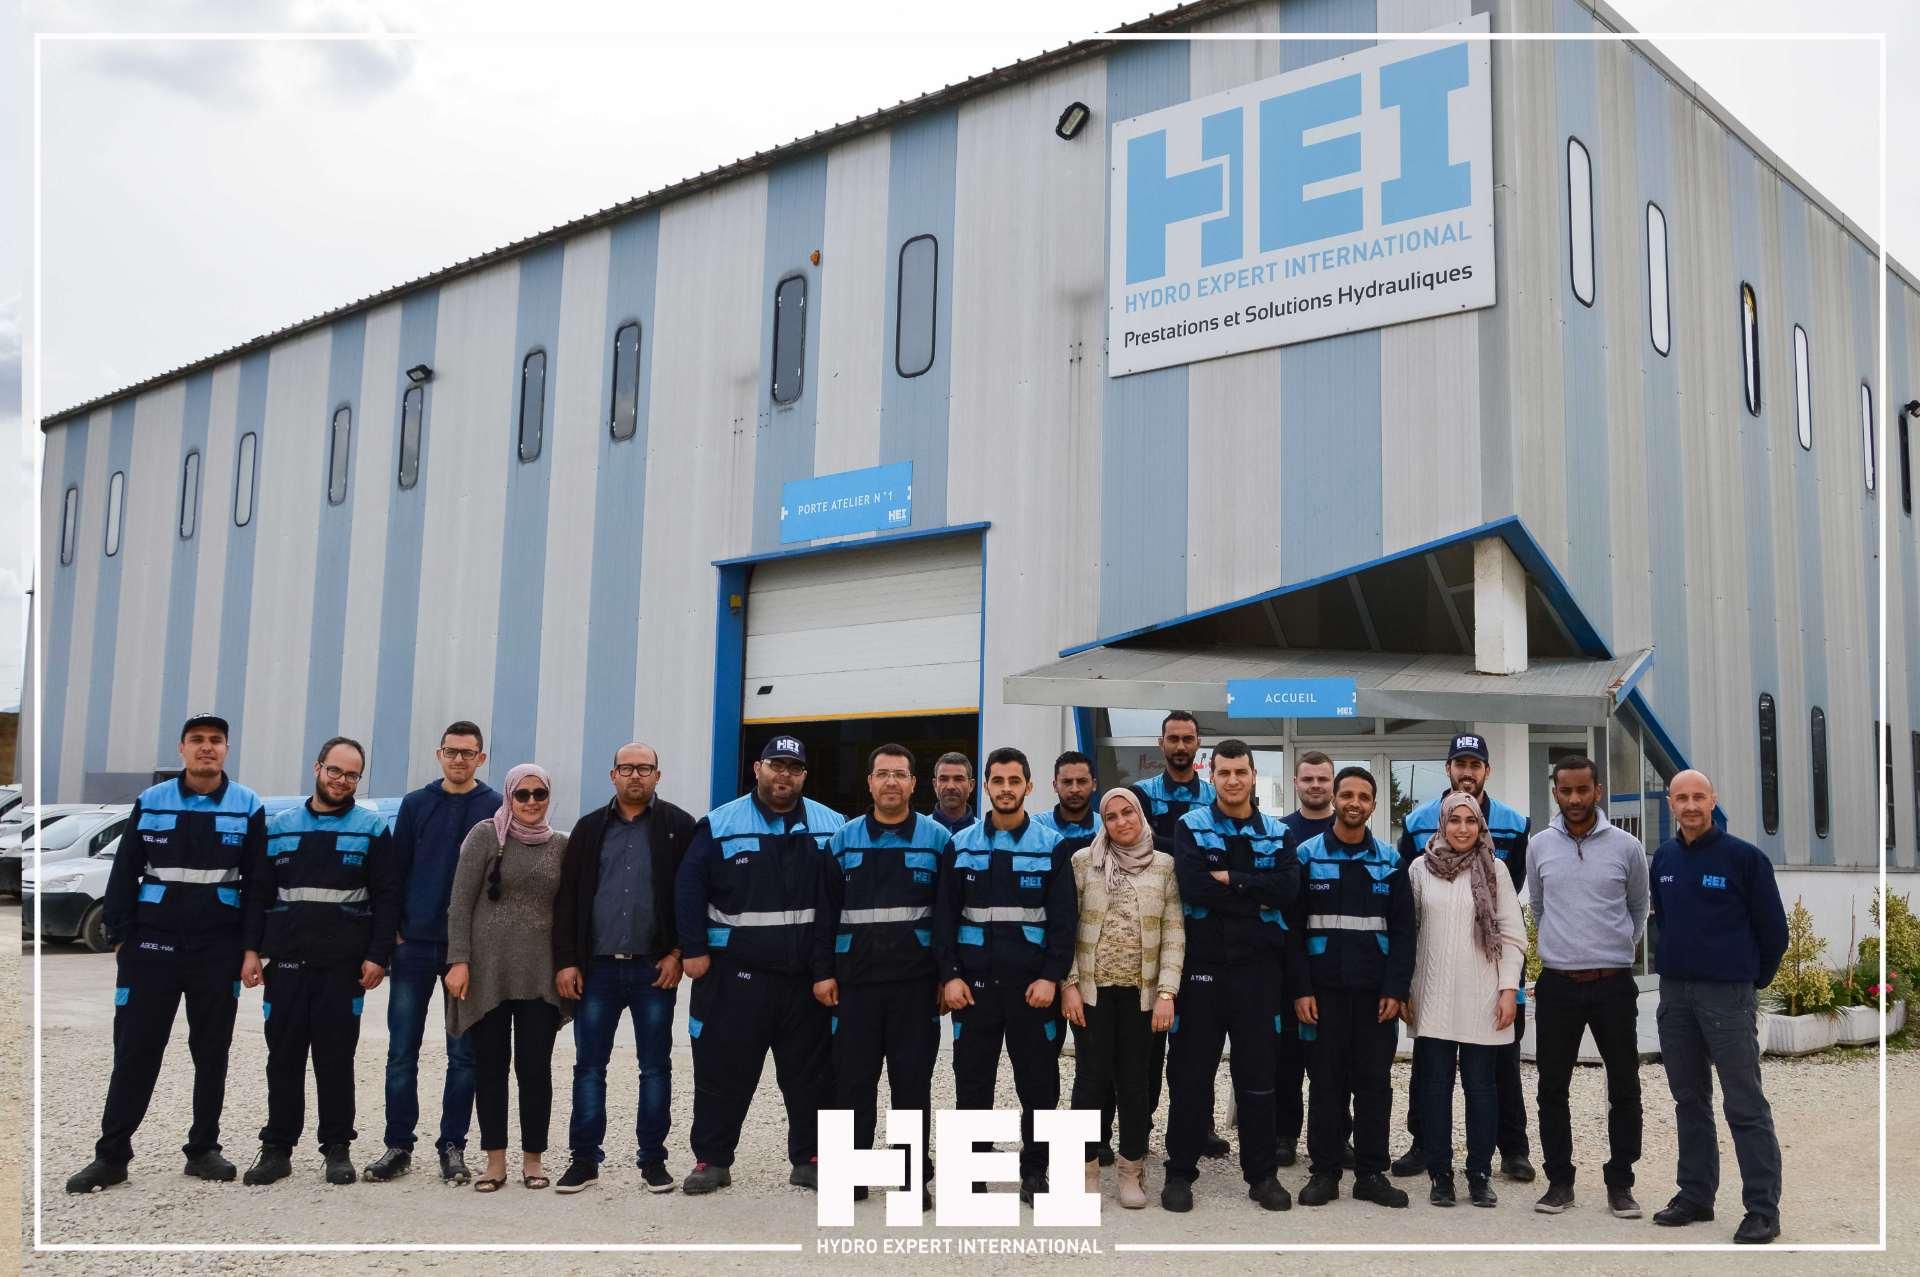 HEI, une entreprise spécialisée dans les services et solutions hydrauliques pour l'industrie en Tunisie.